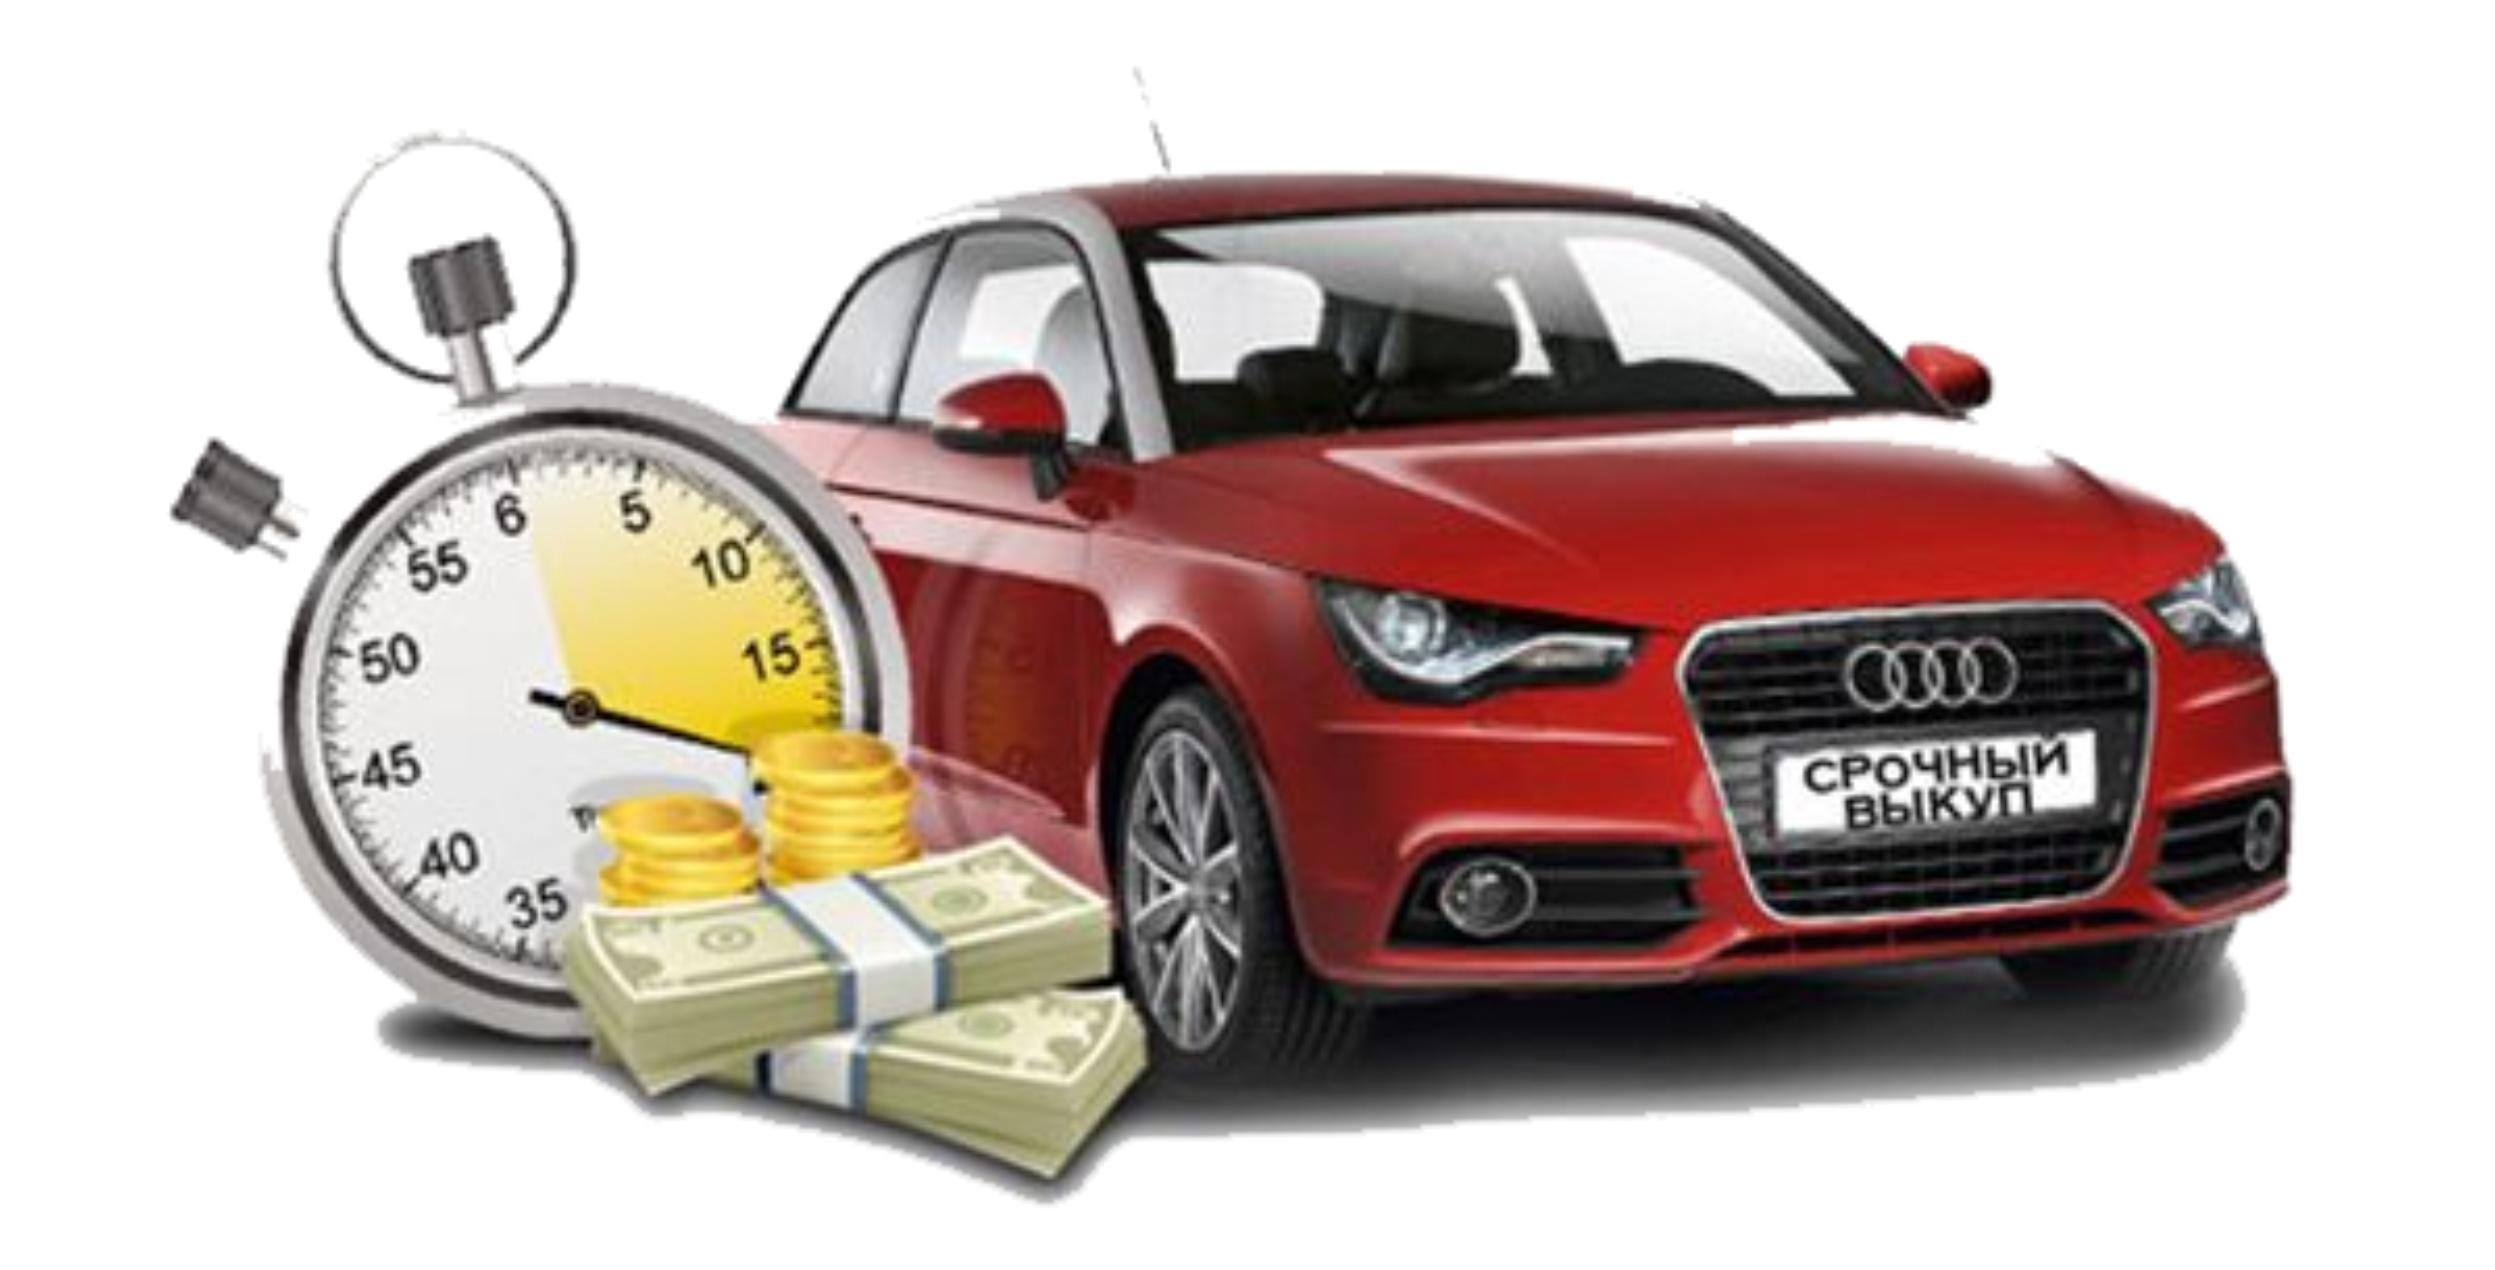 Продать кредитное авто в Москве